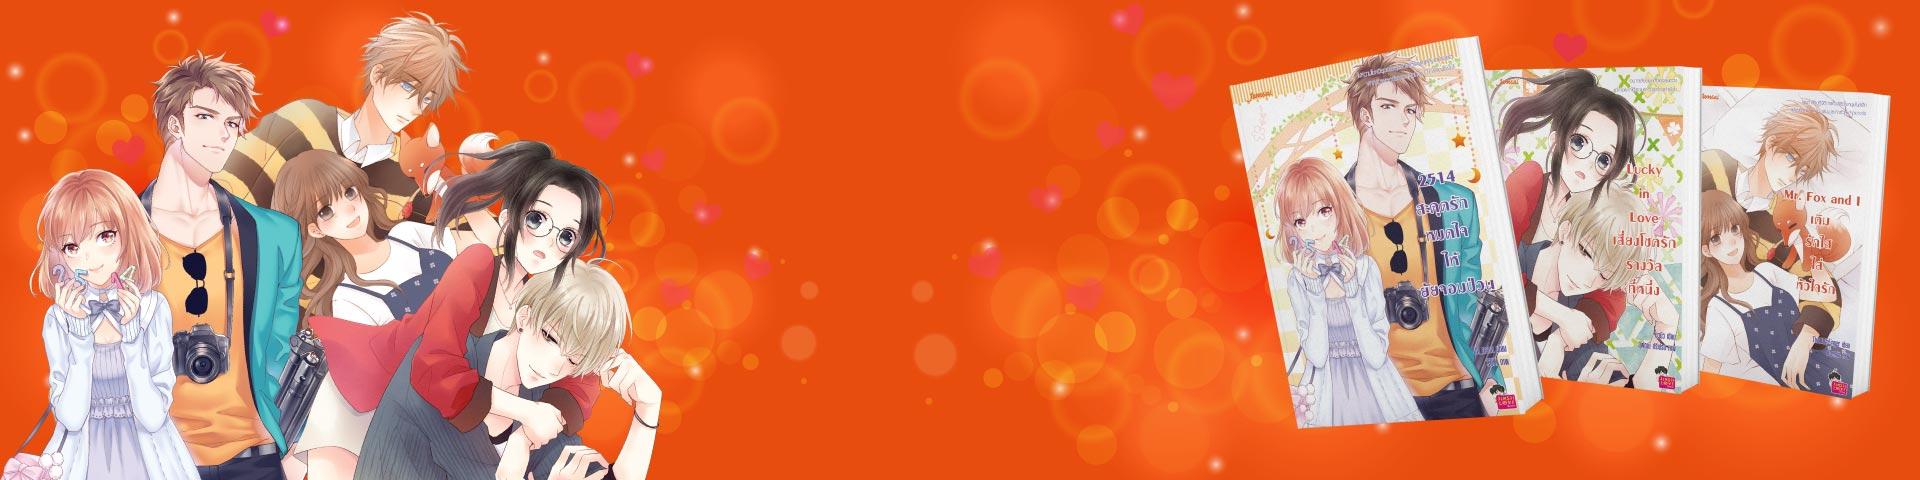 BK_Banner_JLS_1920X480